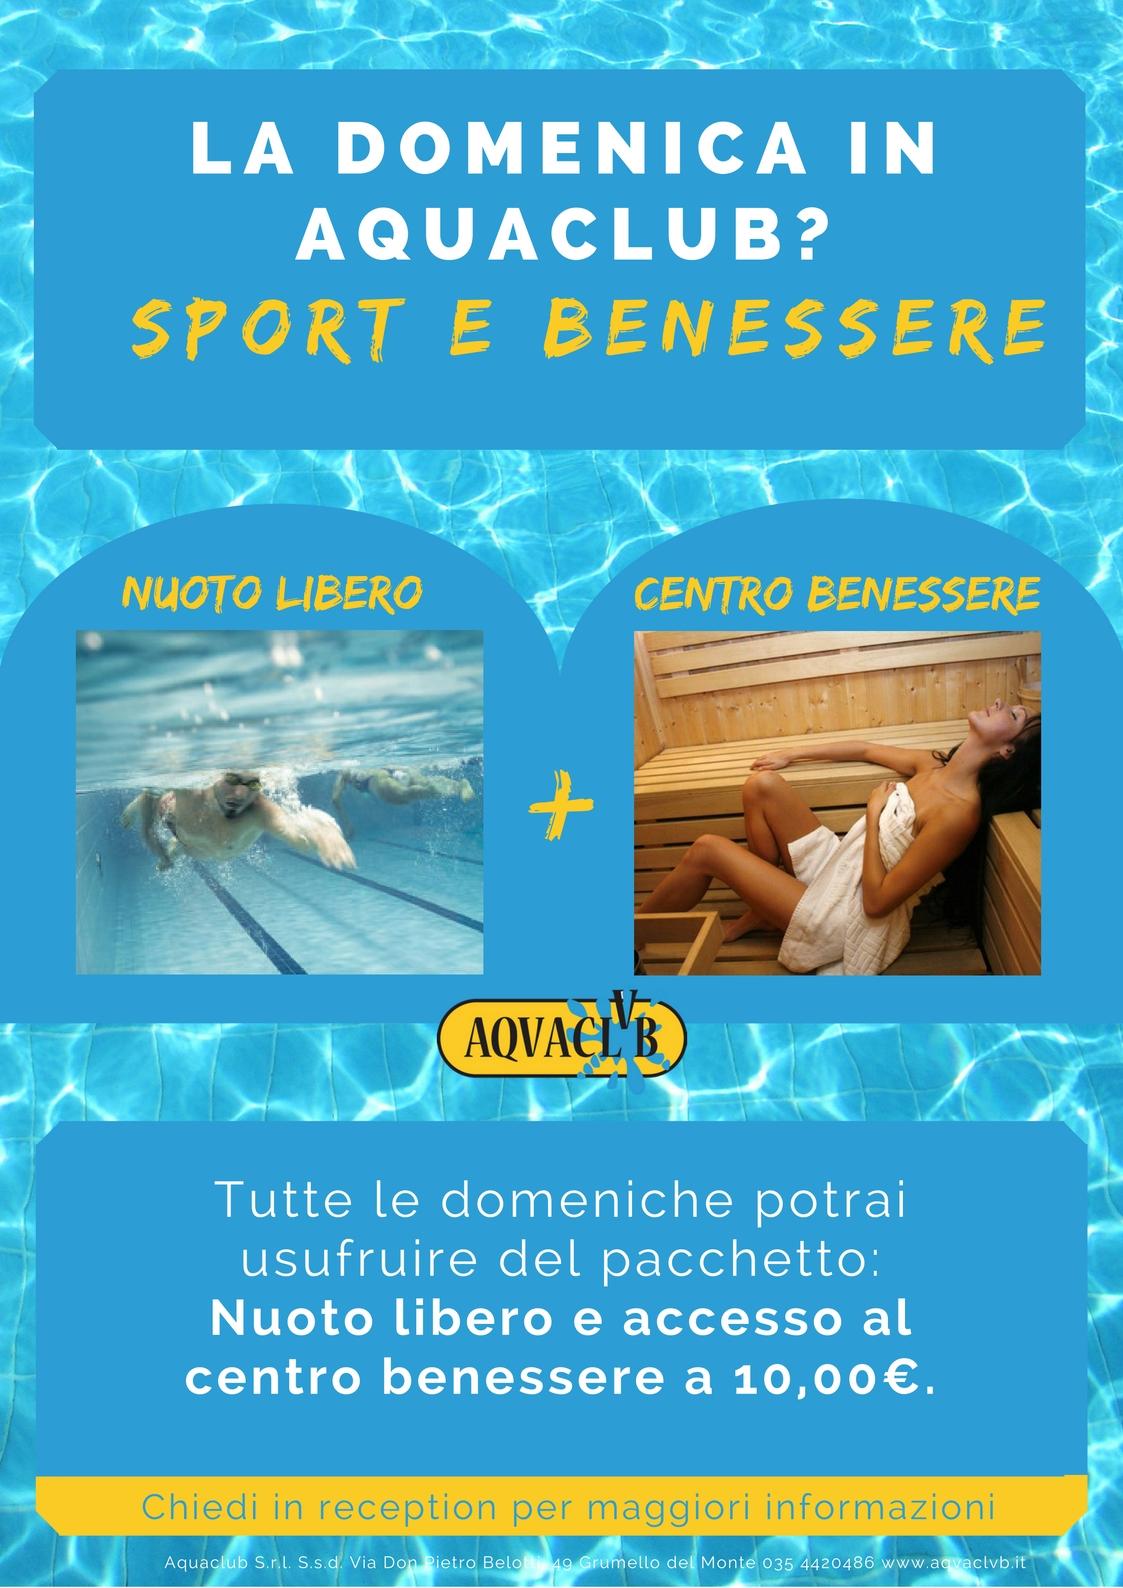 Promozione domenica nuoto libero e area benessere